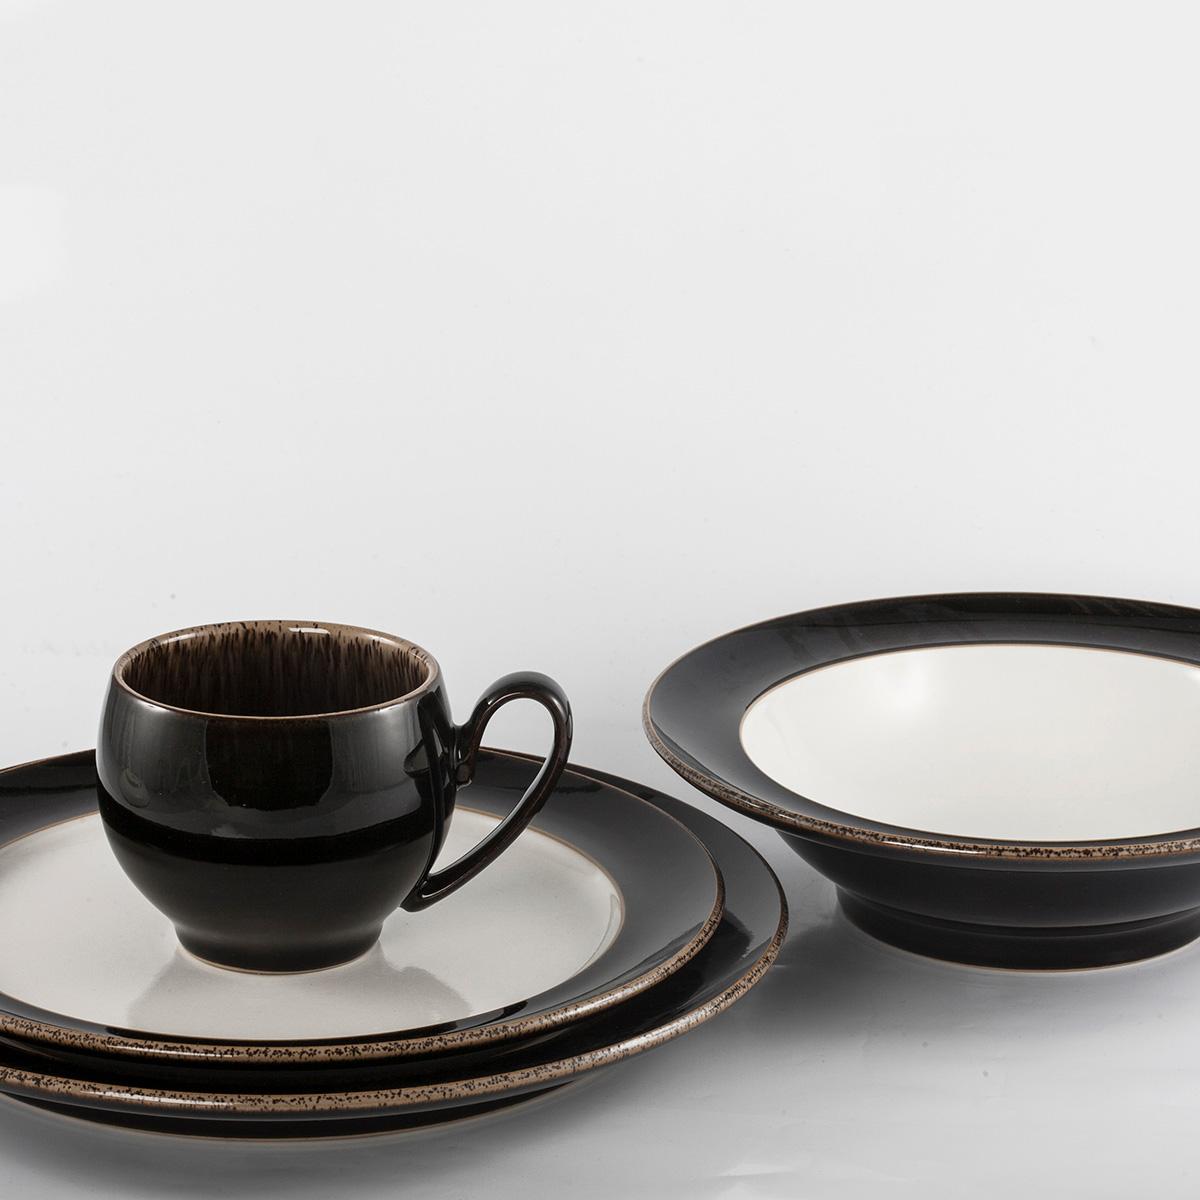 4 Piece Place Setting - Rim Soup/Small Mug